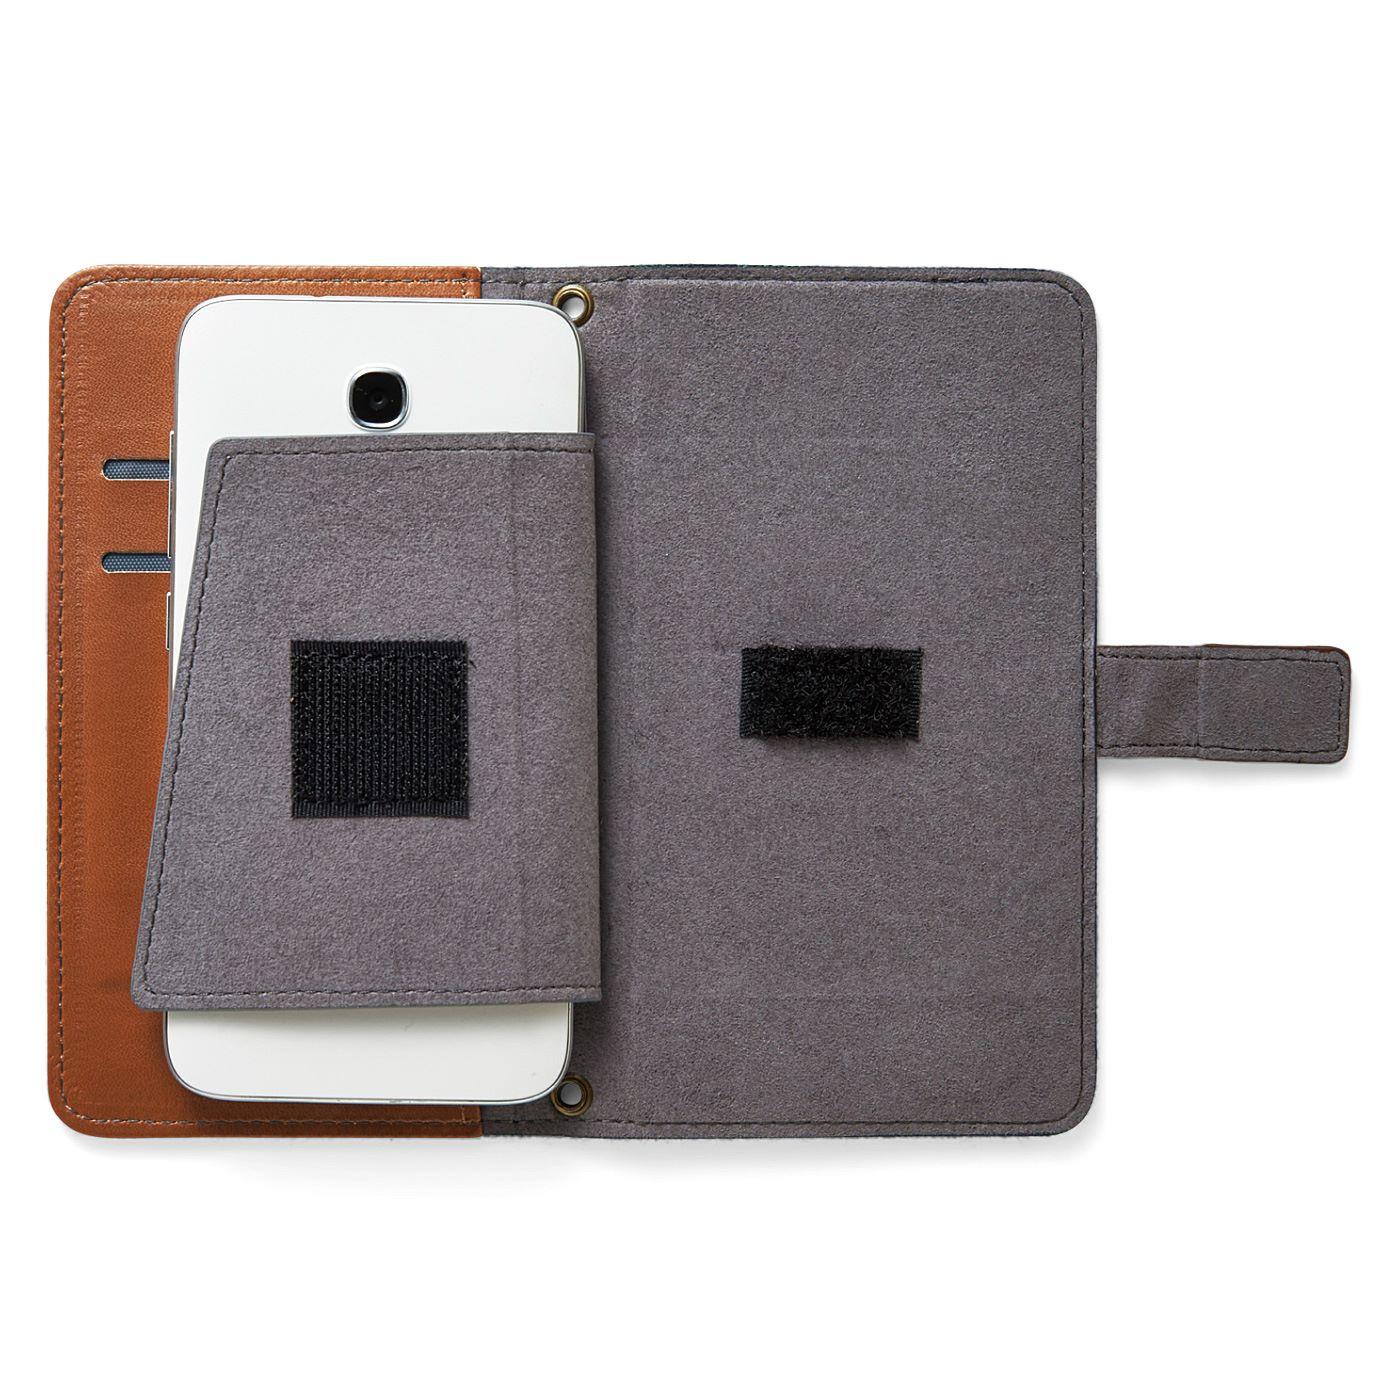 面ファスナーで外カバーと固定できるので、パタパタ開かず使いやすい。